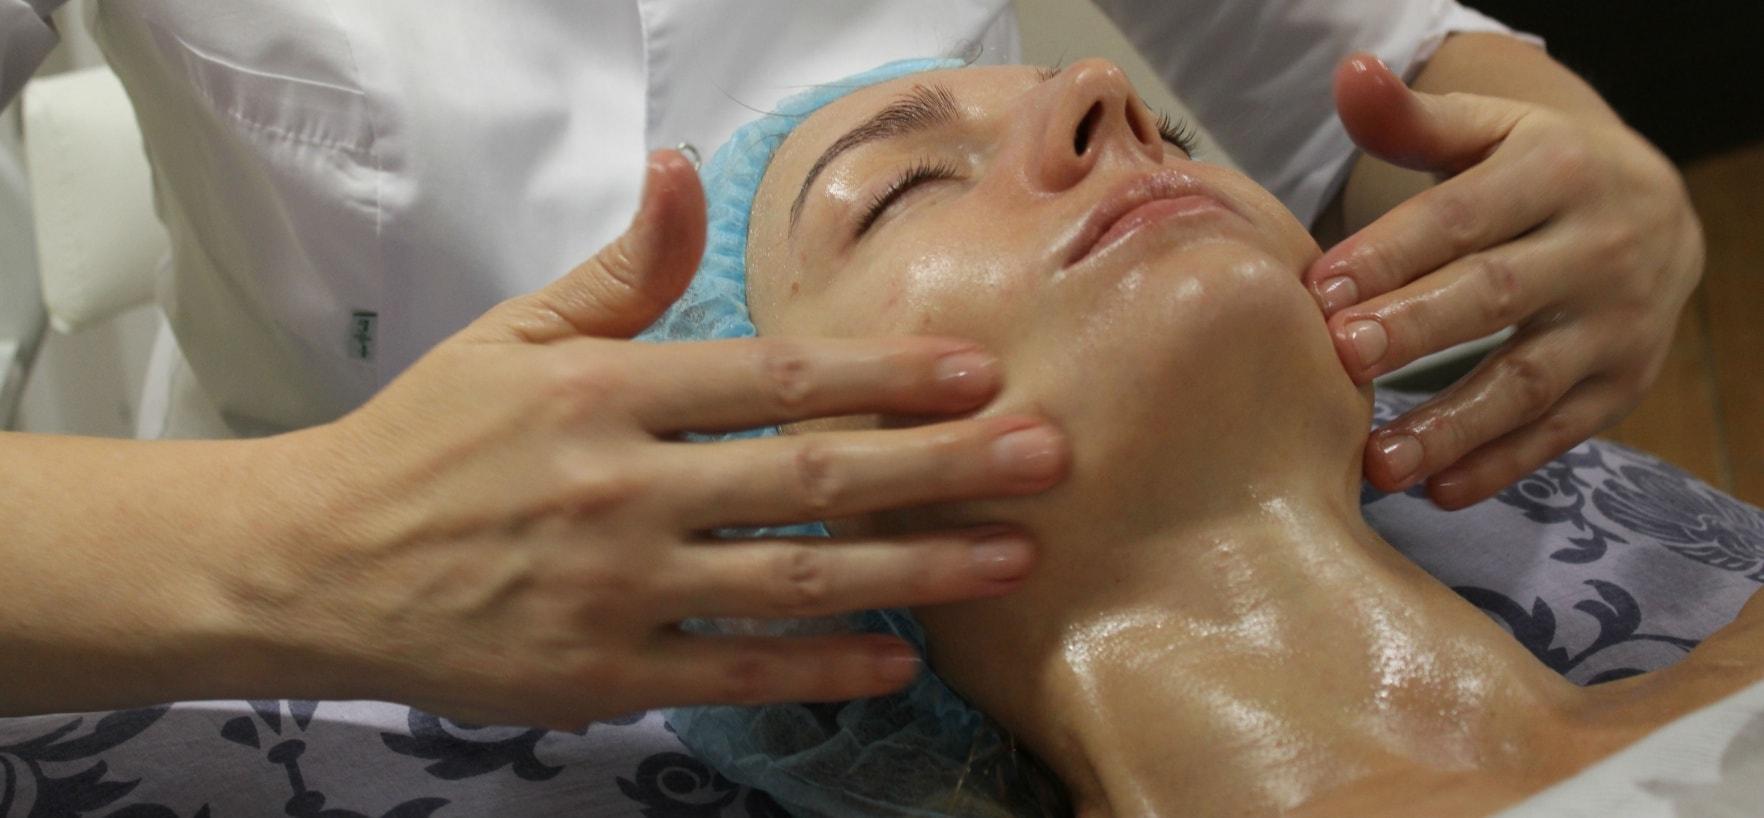 Скульптурный лица массаж фото пошагово